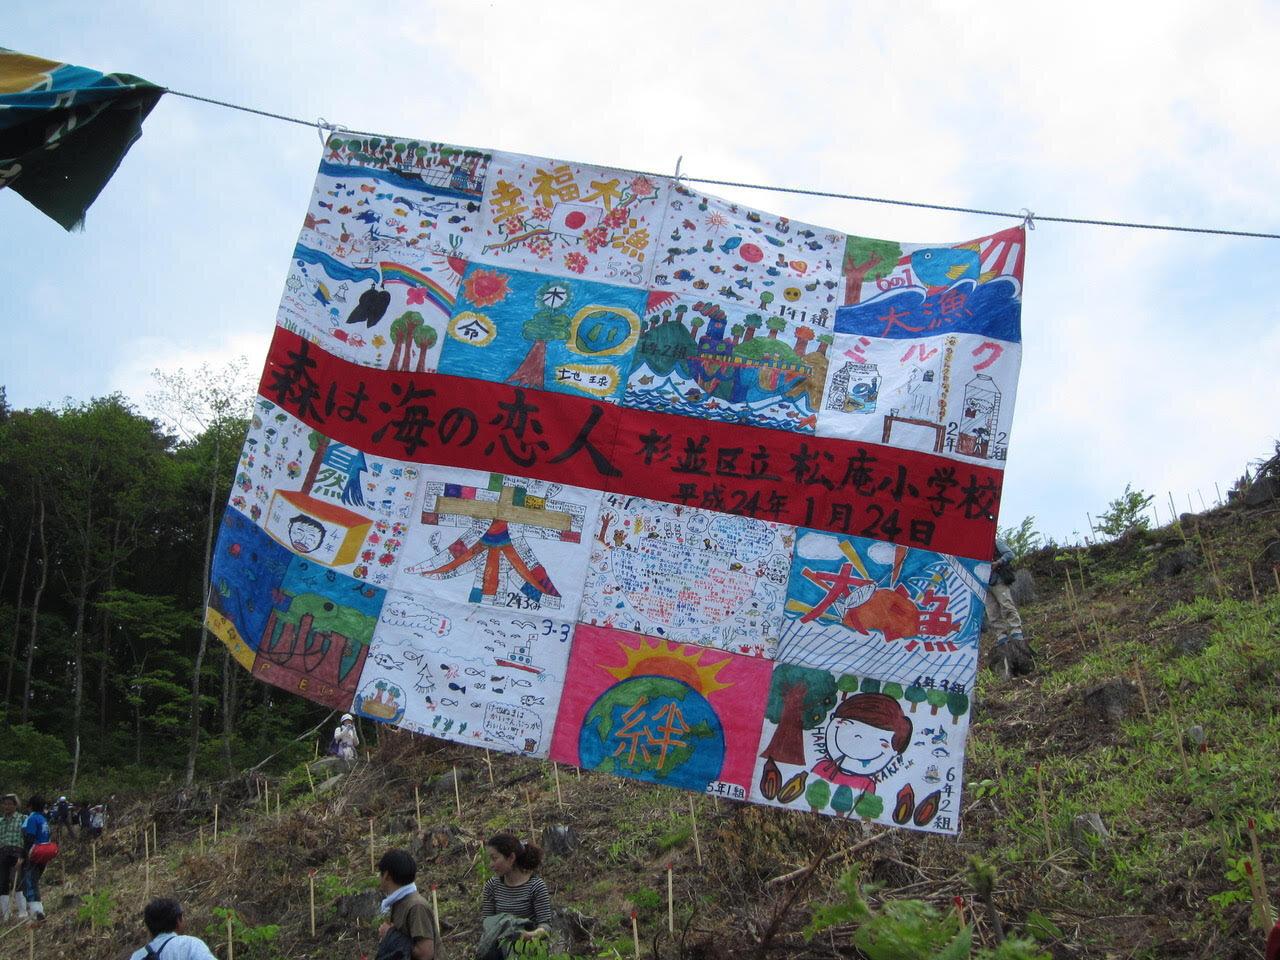 東日本大震災が起きたとき、畠山さんを迎えた小学校の全校児童がカナヨさんと共に作った大漁旗。畠山さんに届けられ、森は海の恋人植樹祭の会場で翻った。